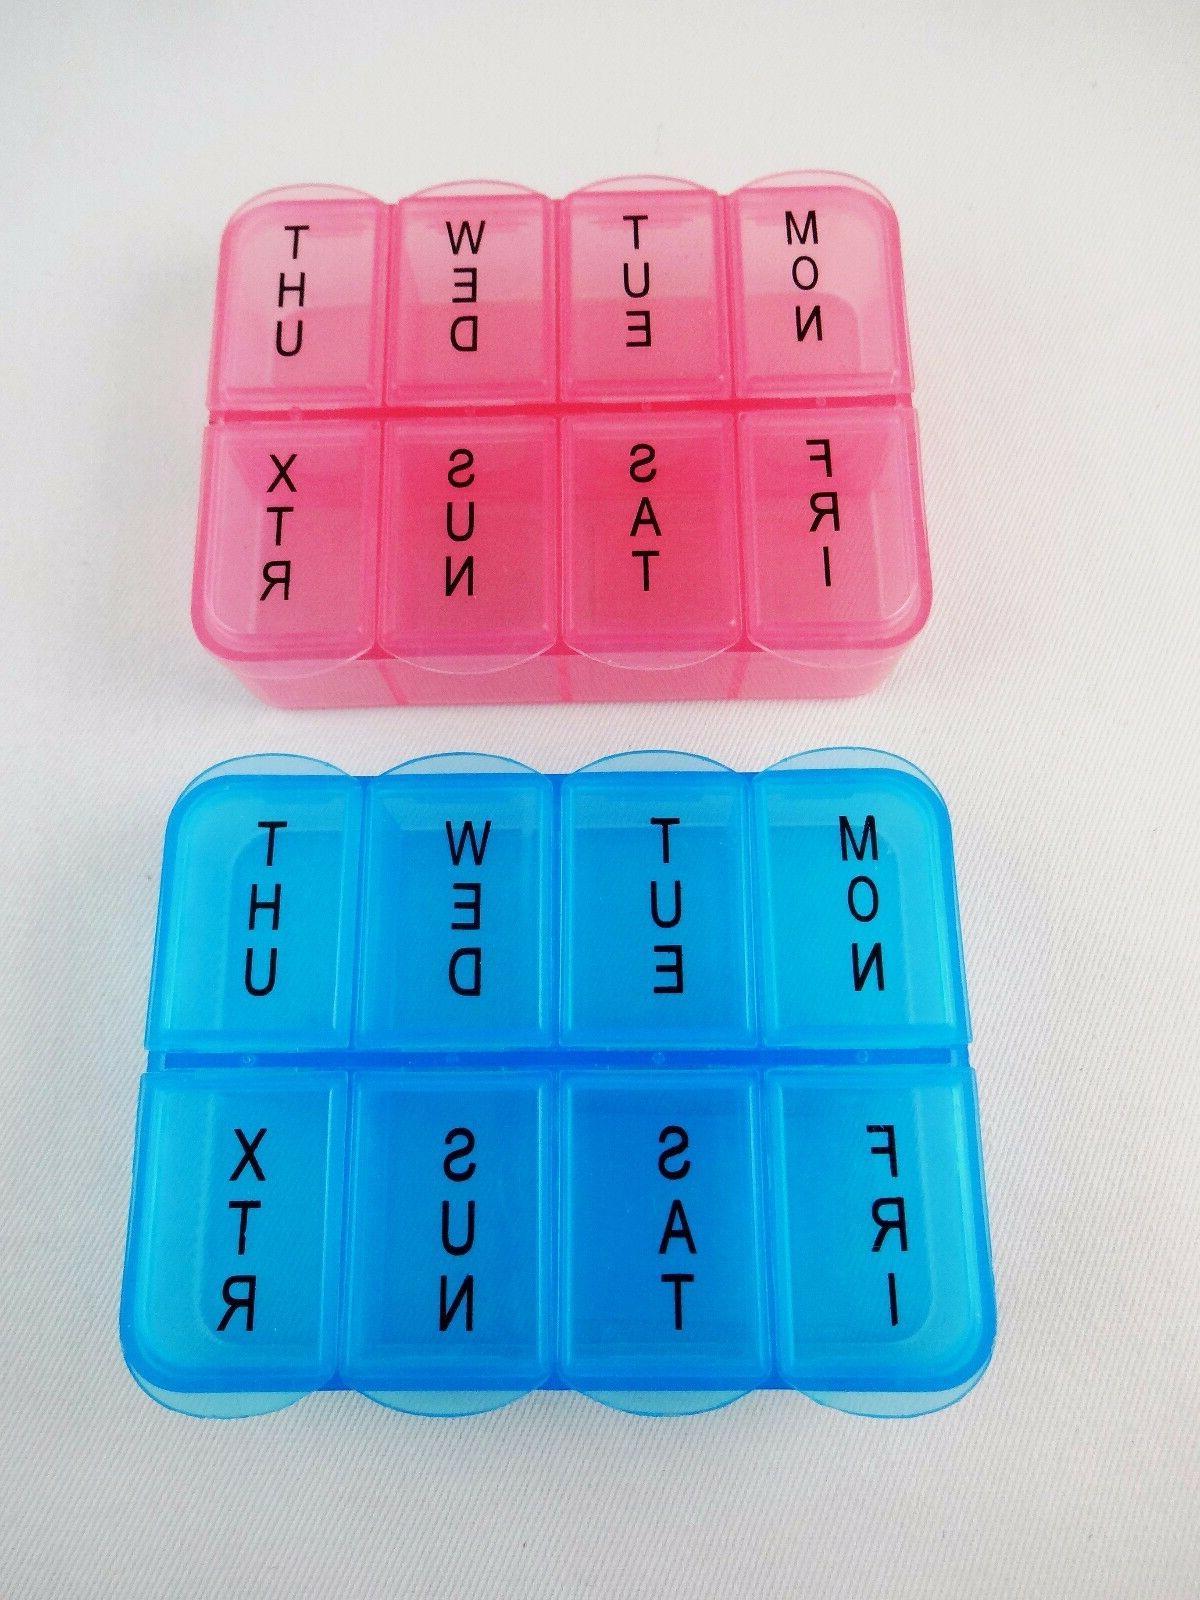 pill box vitamin organizer 8 compartments plastic